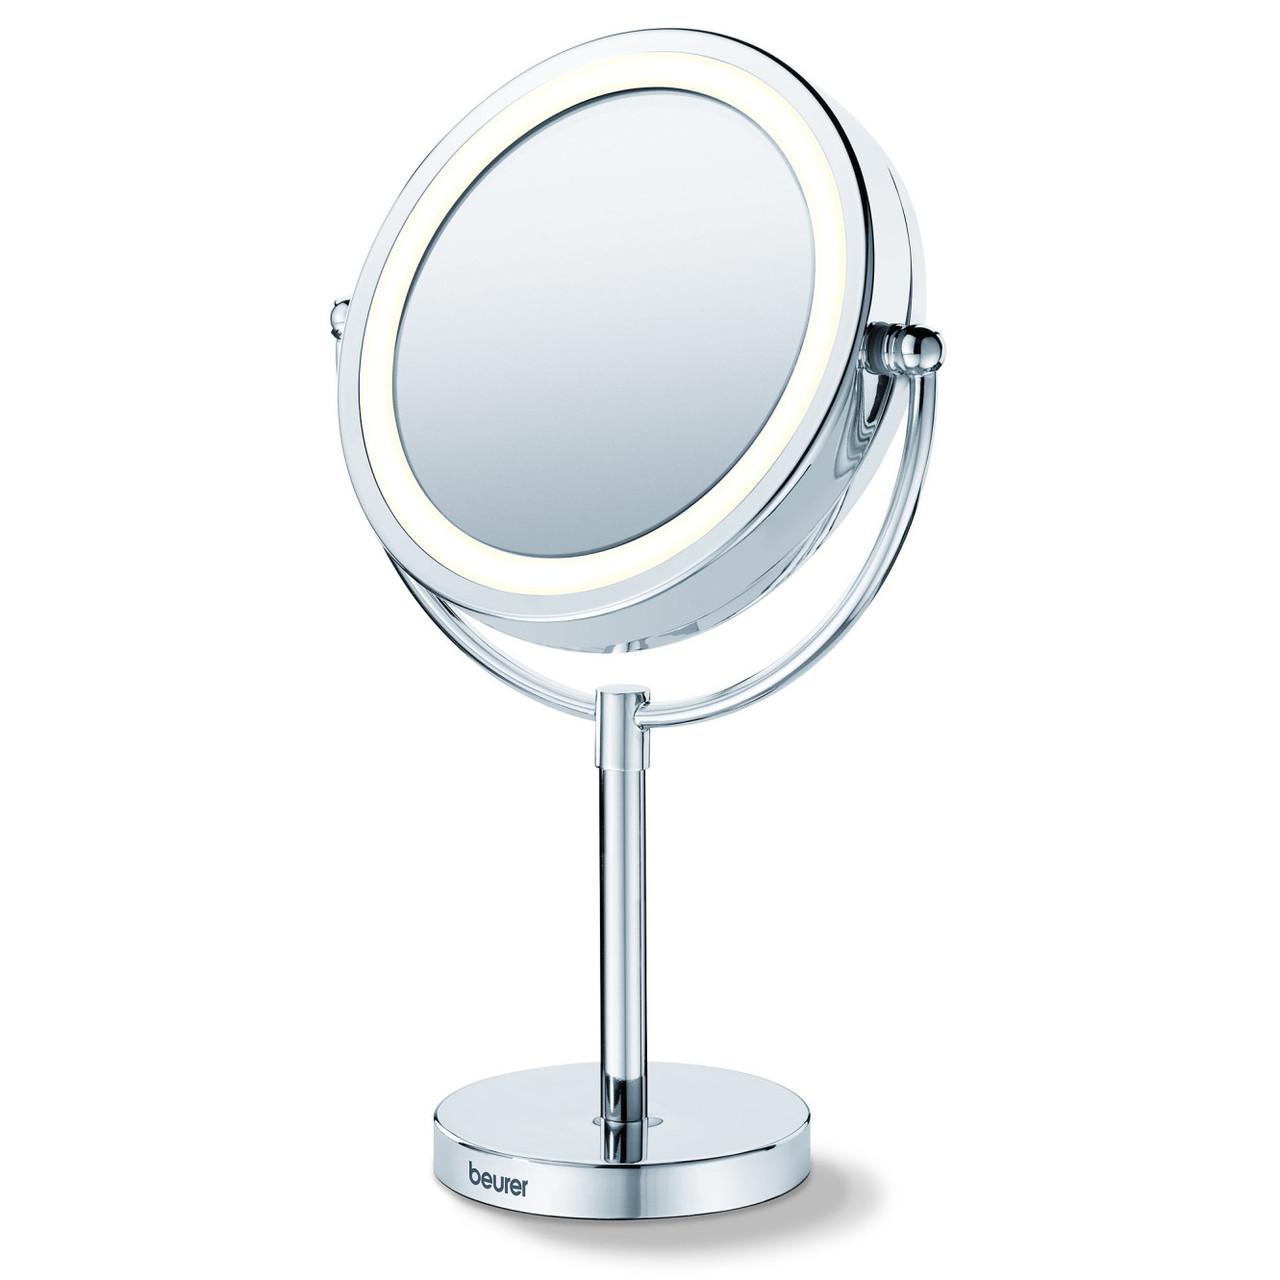 Beurer BS 69 Косметическое зеркало двустороннее с подсветкой